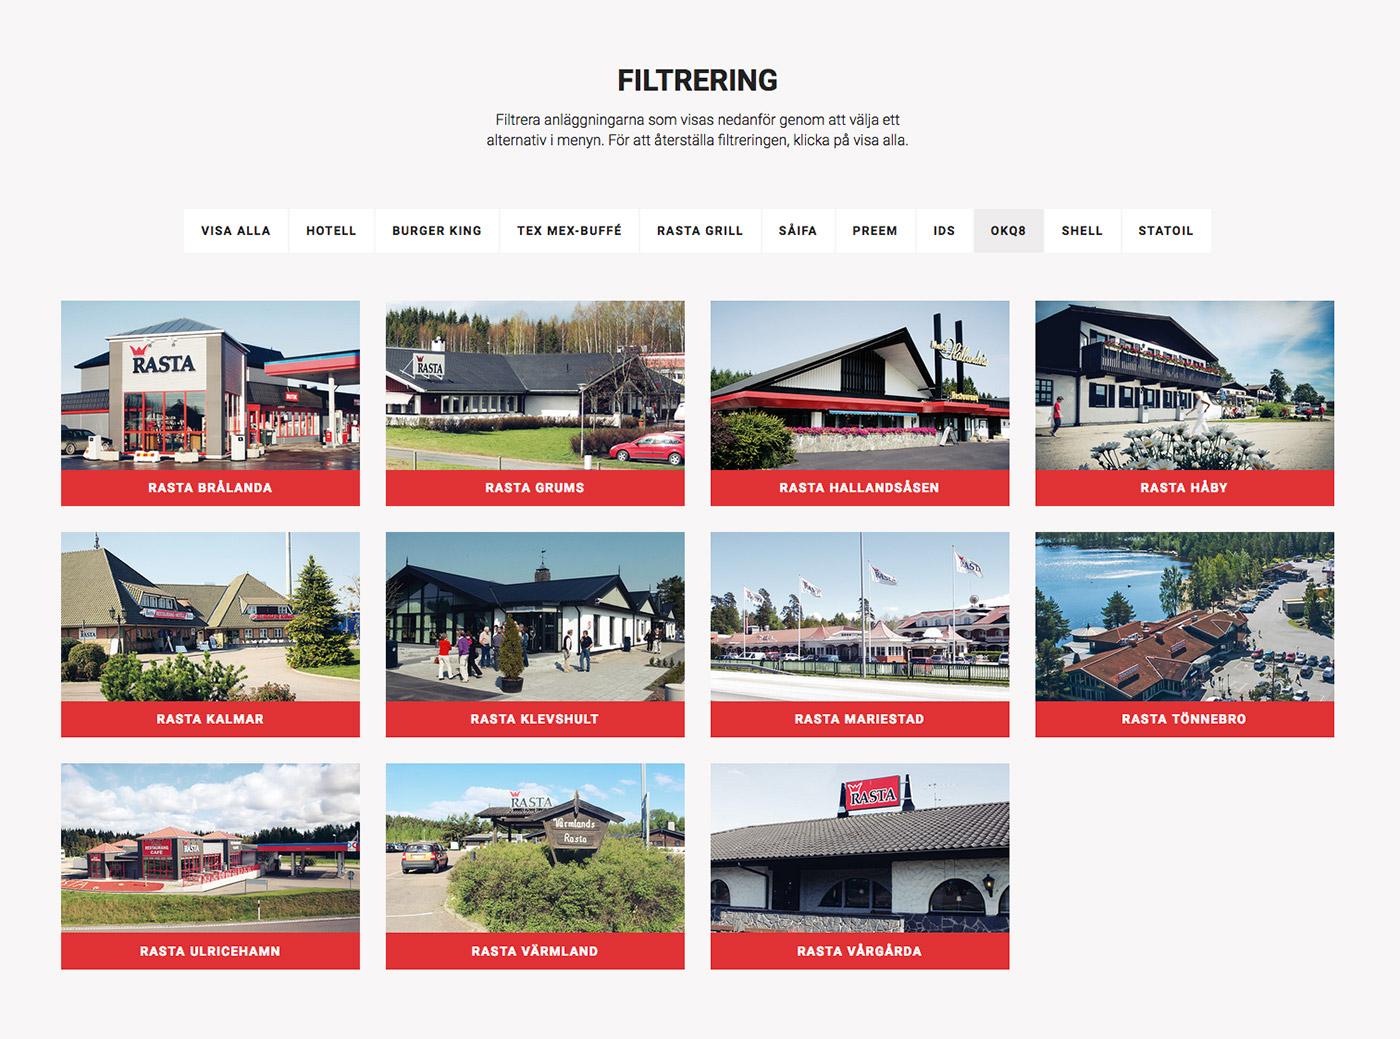 Rasta vägkrogar webbplats filtrering